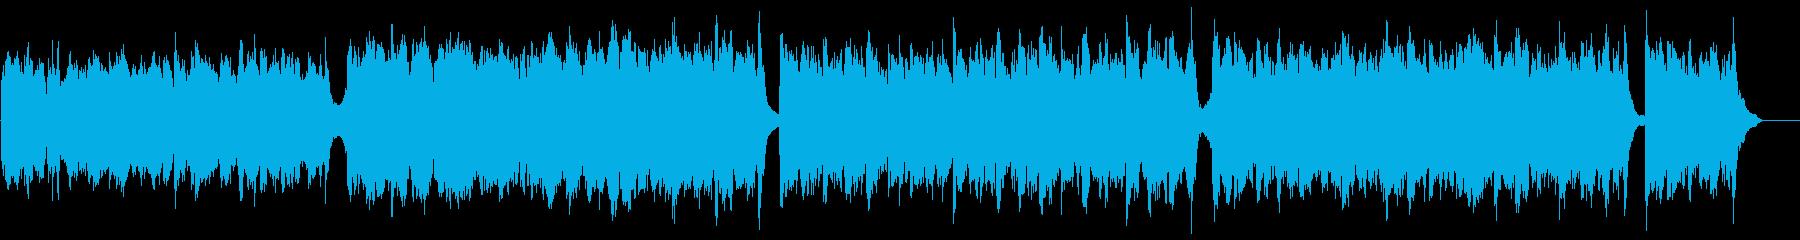 知的なシネマティックピアノ:Pfと低い弦の再生済みの波形